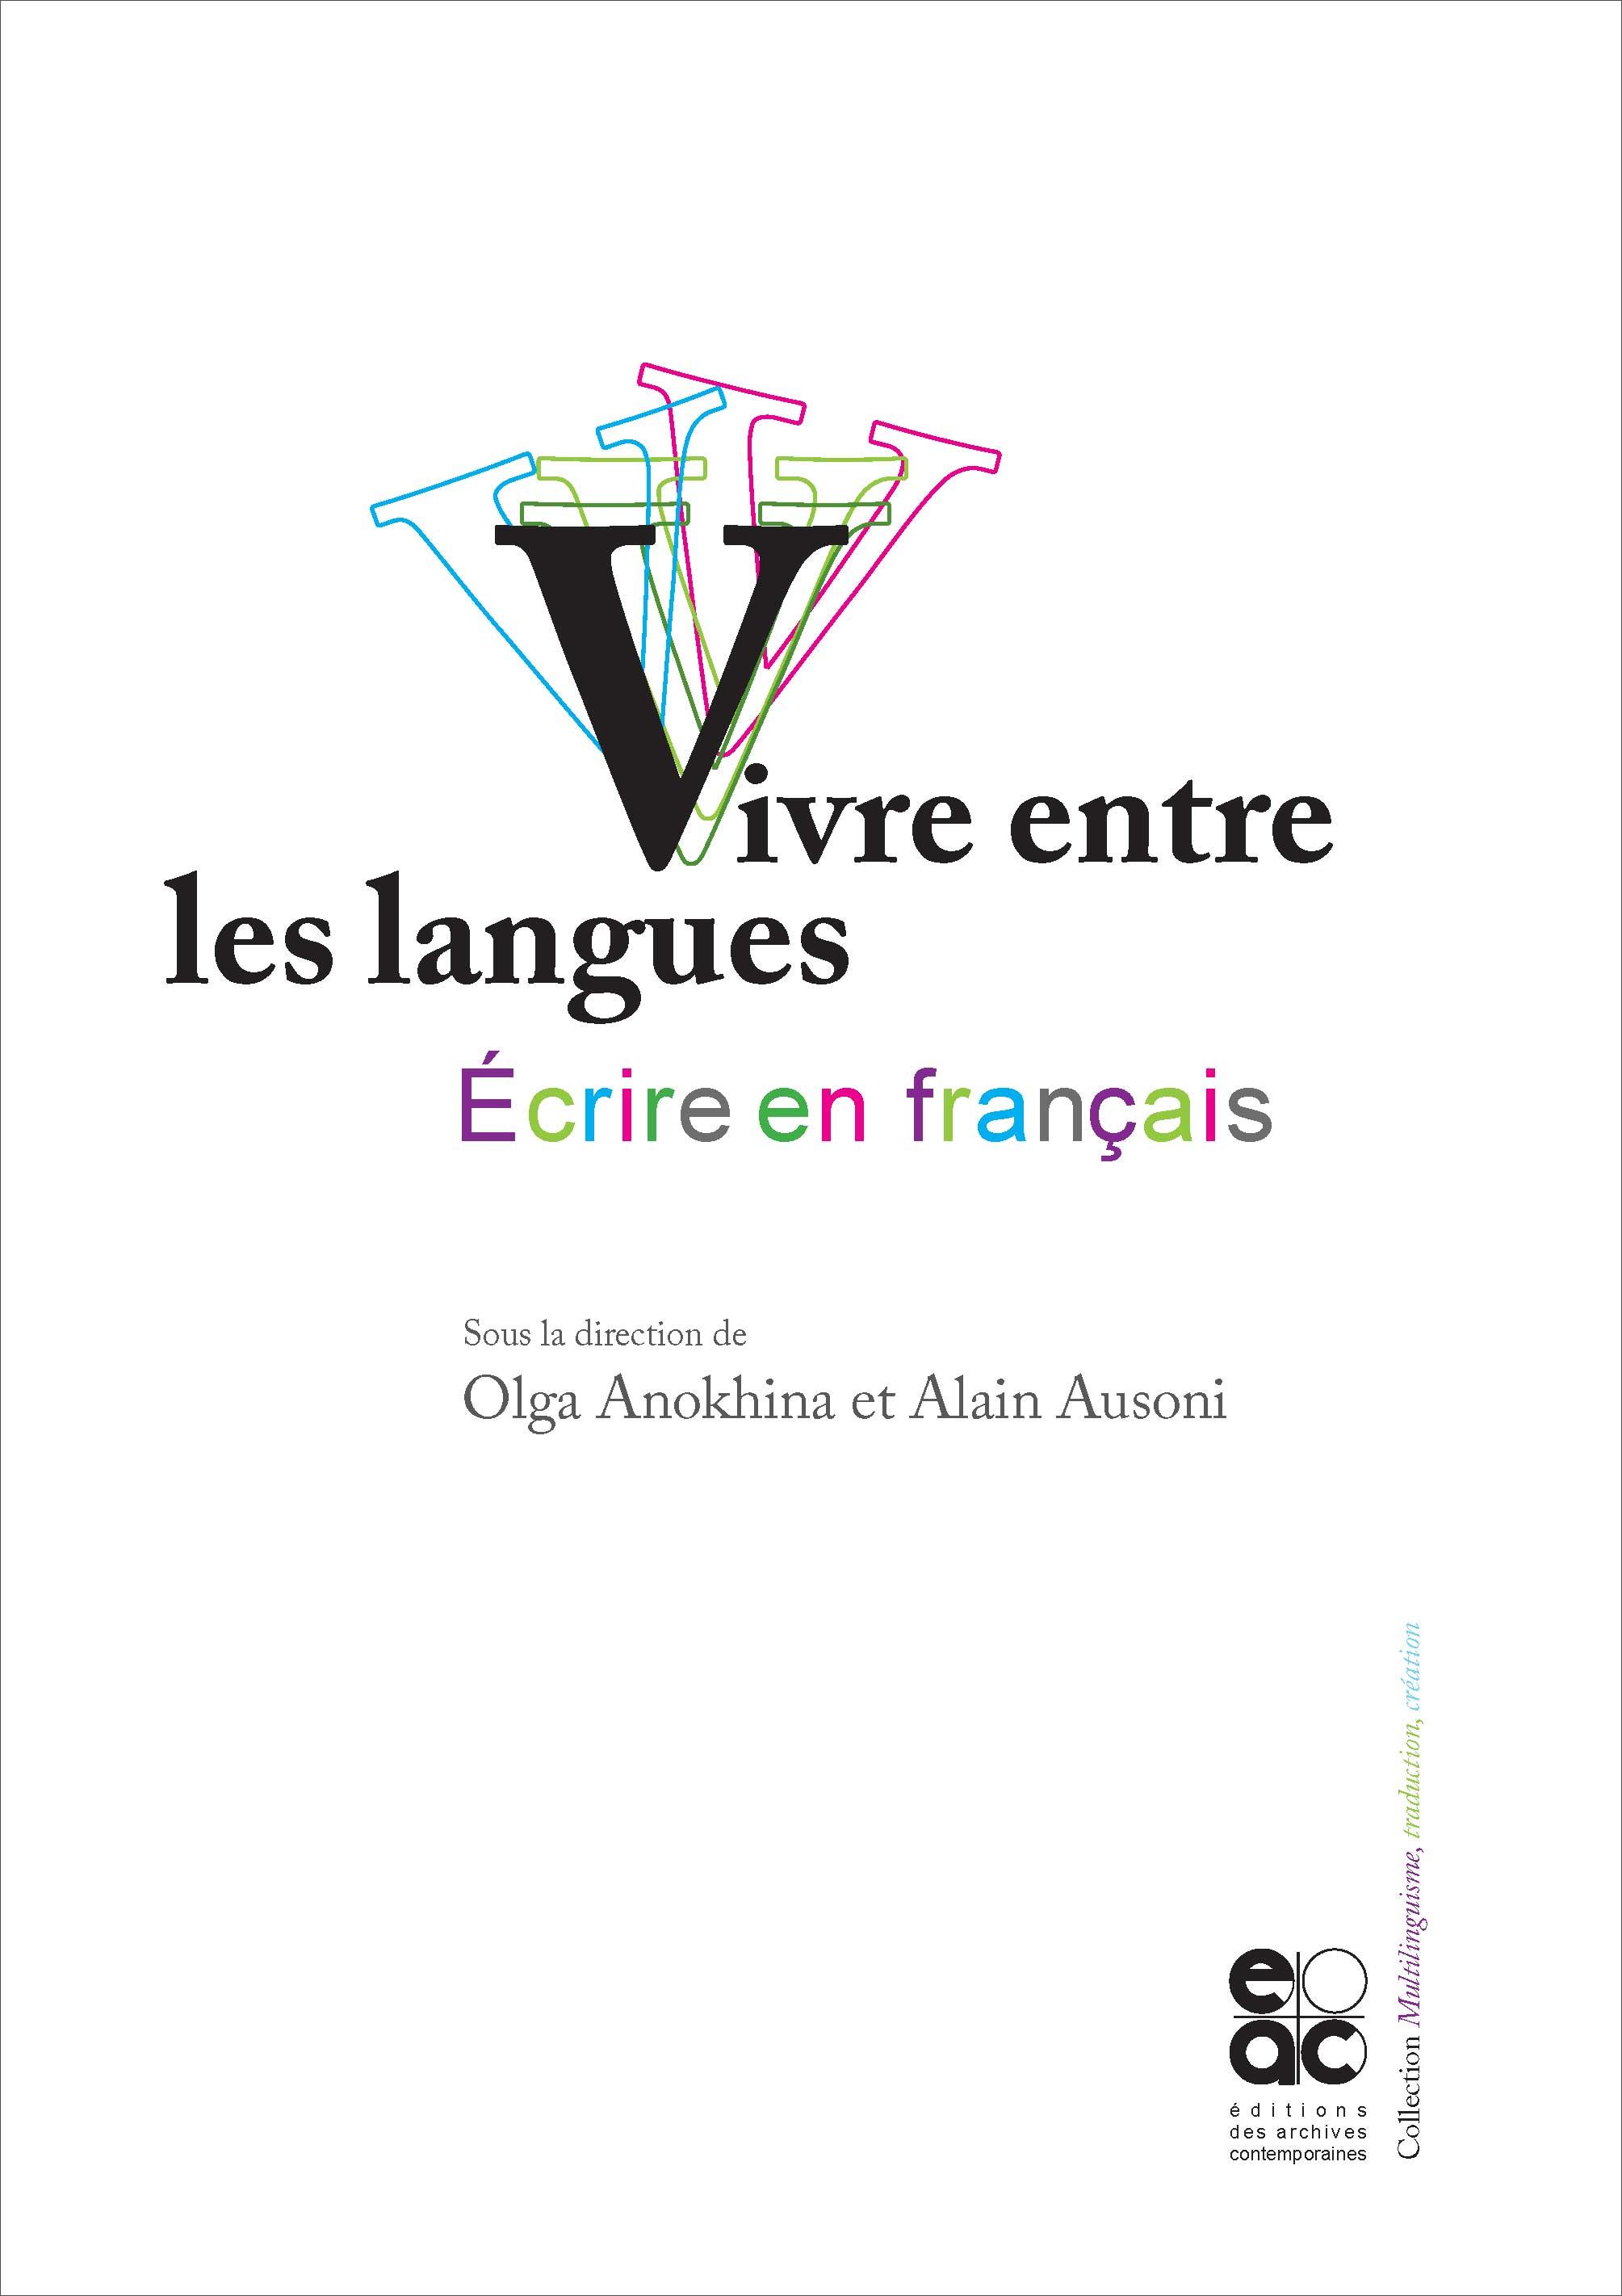 O. Anokhina, A. Ausoni (dir.), Vivre entre les langues, écrire en français